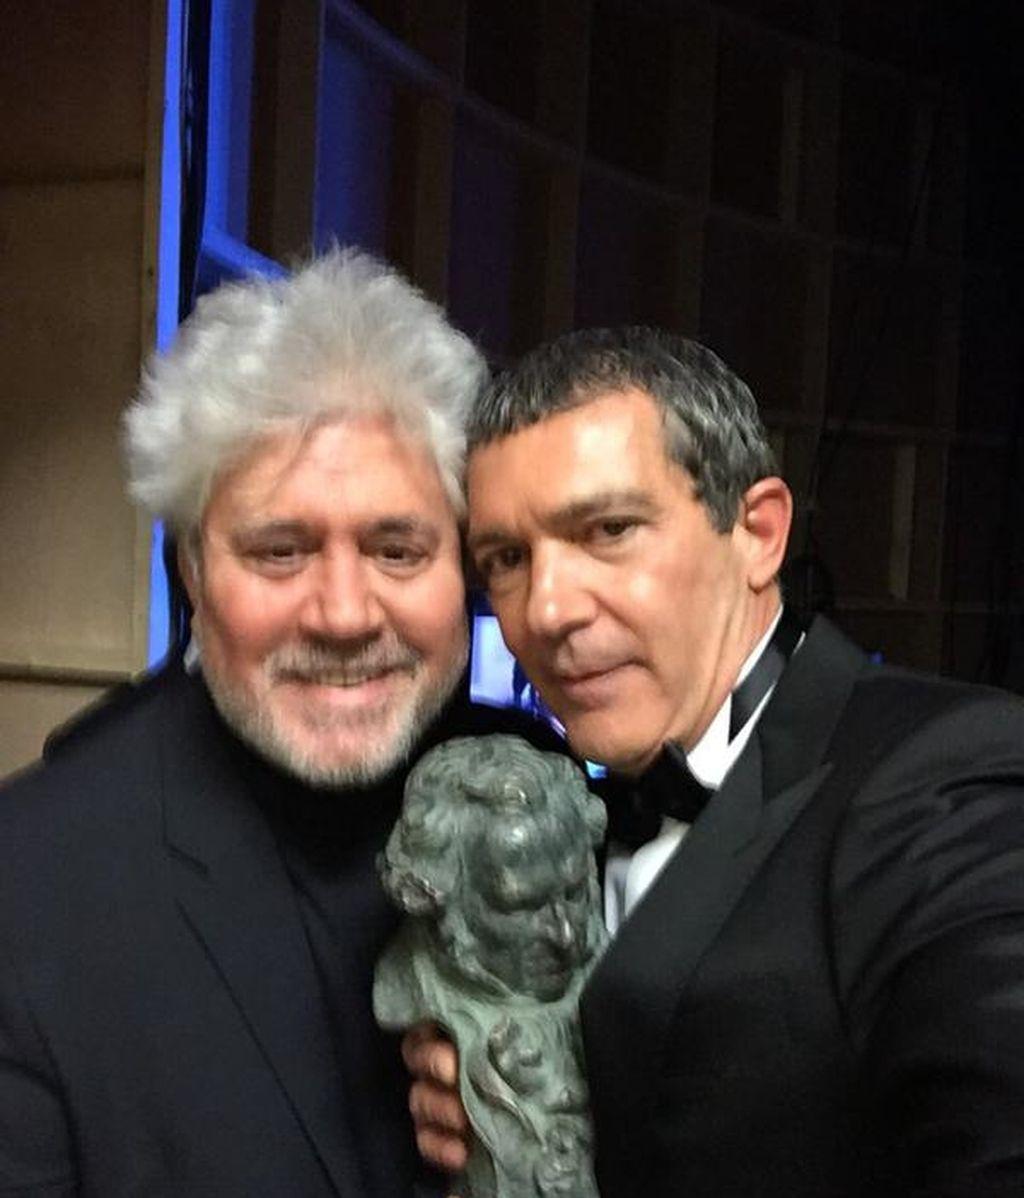 Pedro Almodóvar y Antonio Banderas